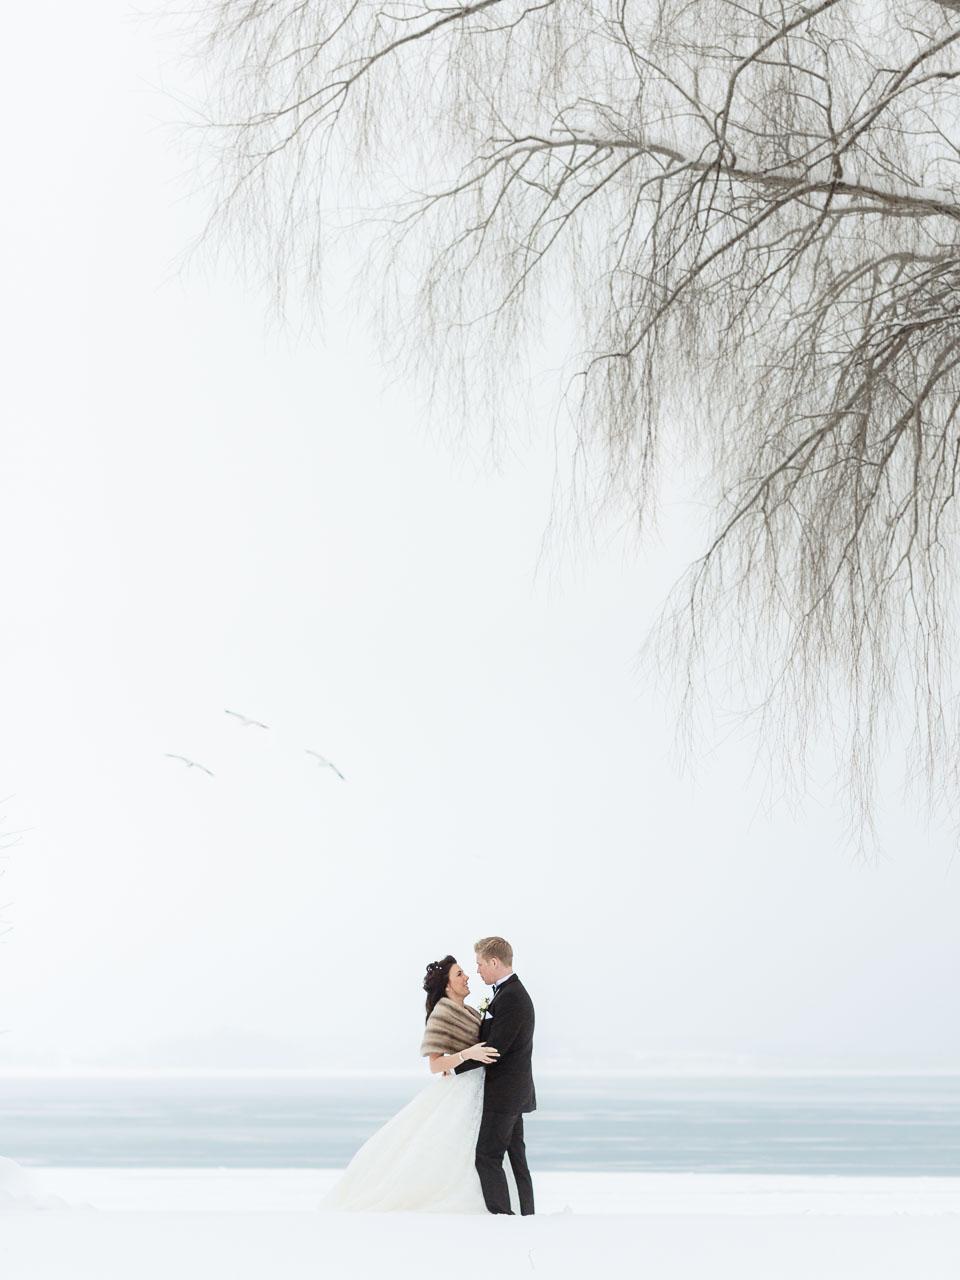 Bröllopsfotograf Vadstena Klosterhotell, Örberga kyrka, Östergötland - Vinterbröllop